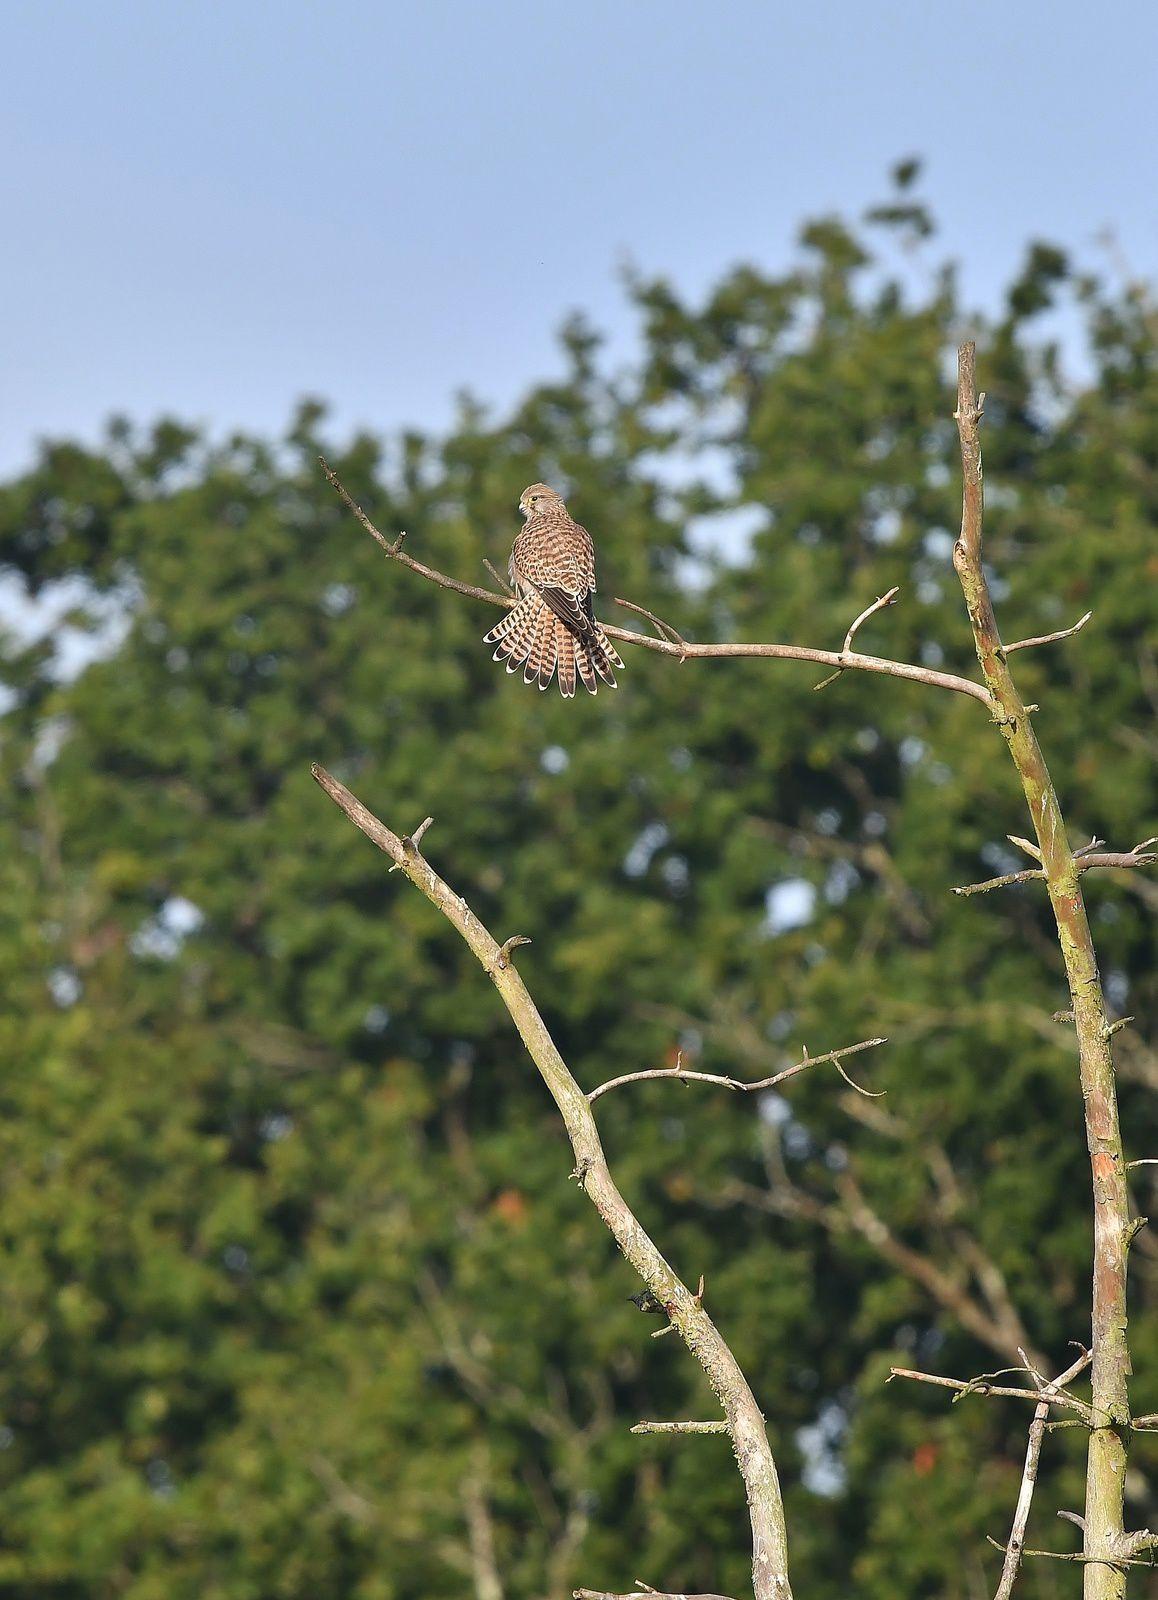 Faucon crécerelle (Falco tinnunculus).